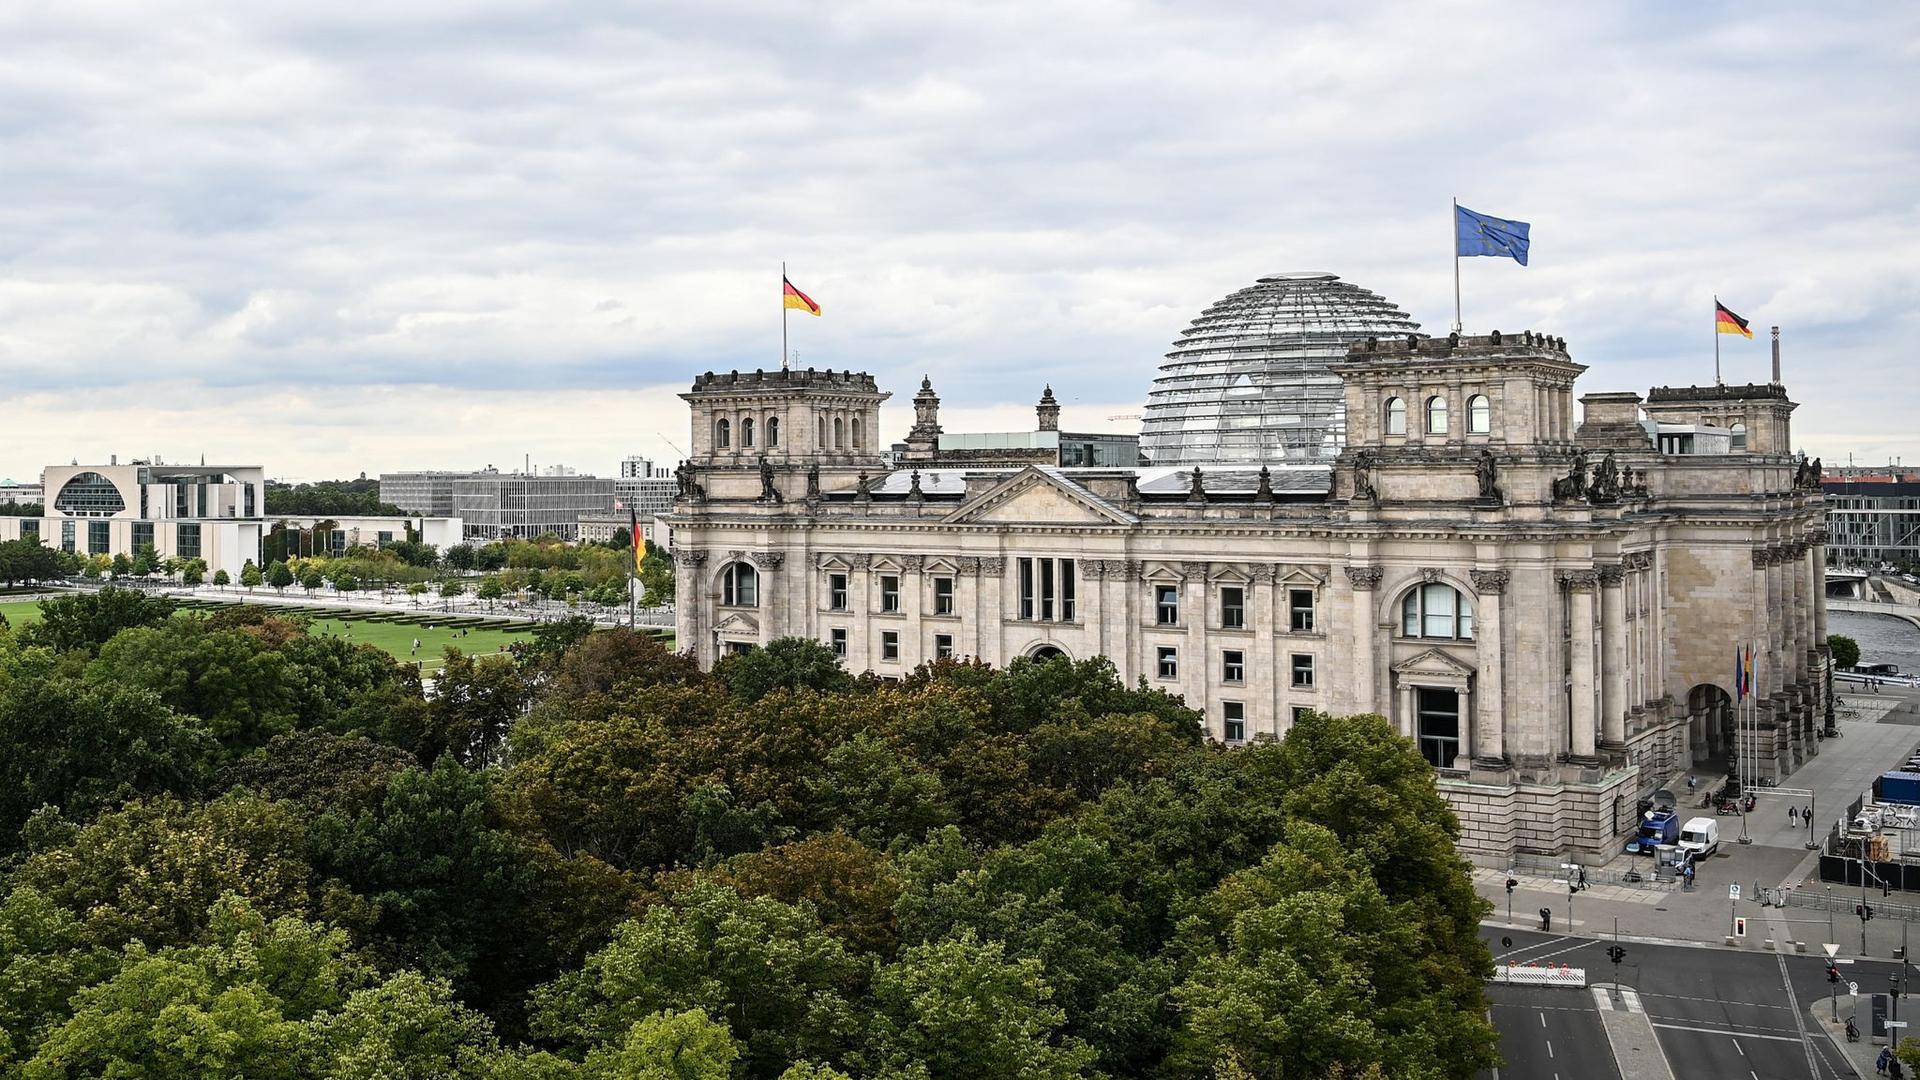 Das Reichstagsgebäude im Berliner Regierungsviertel.